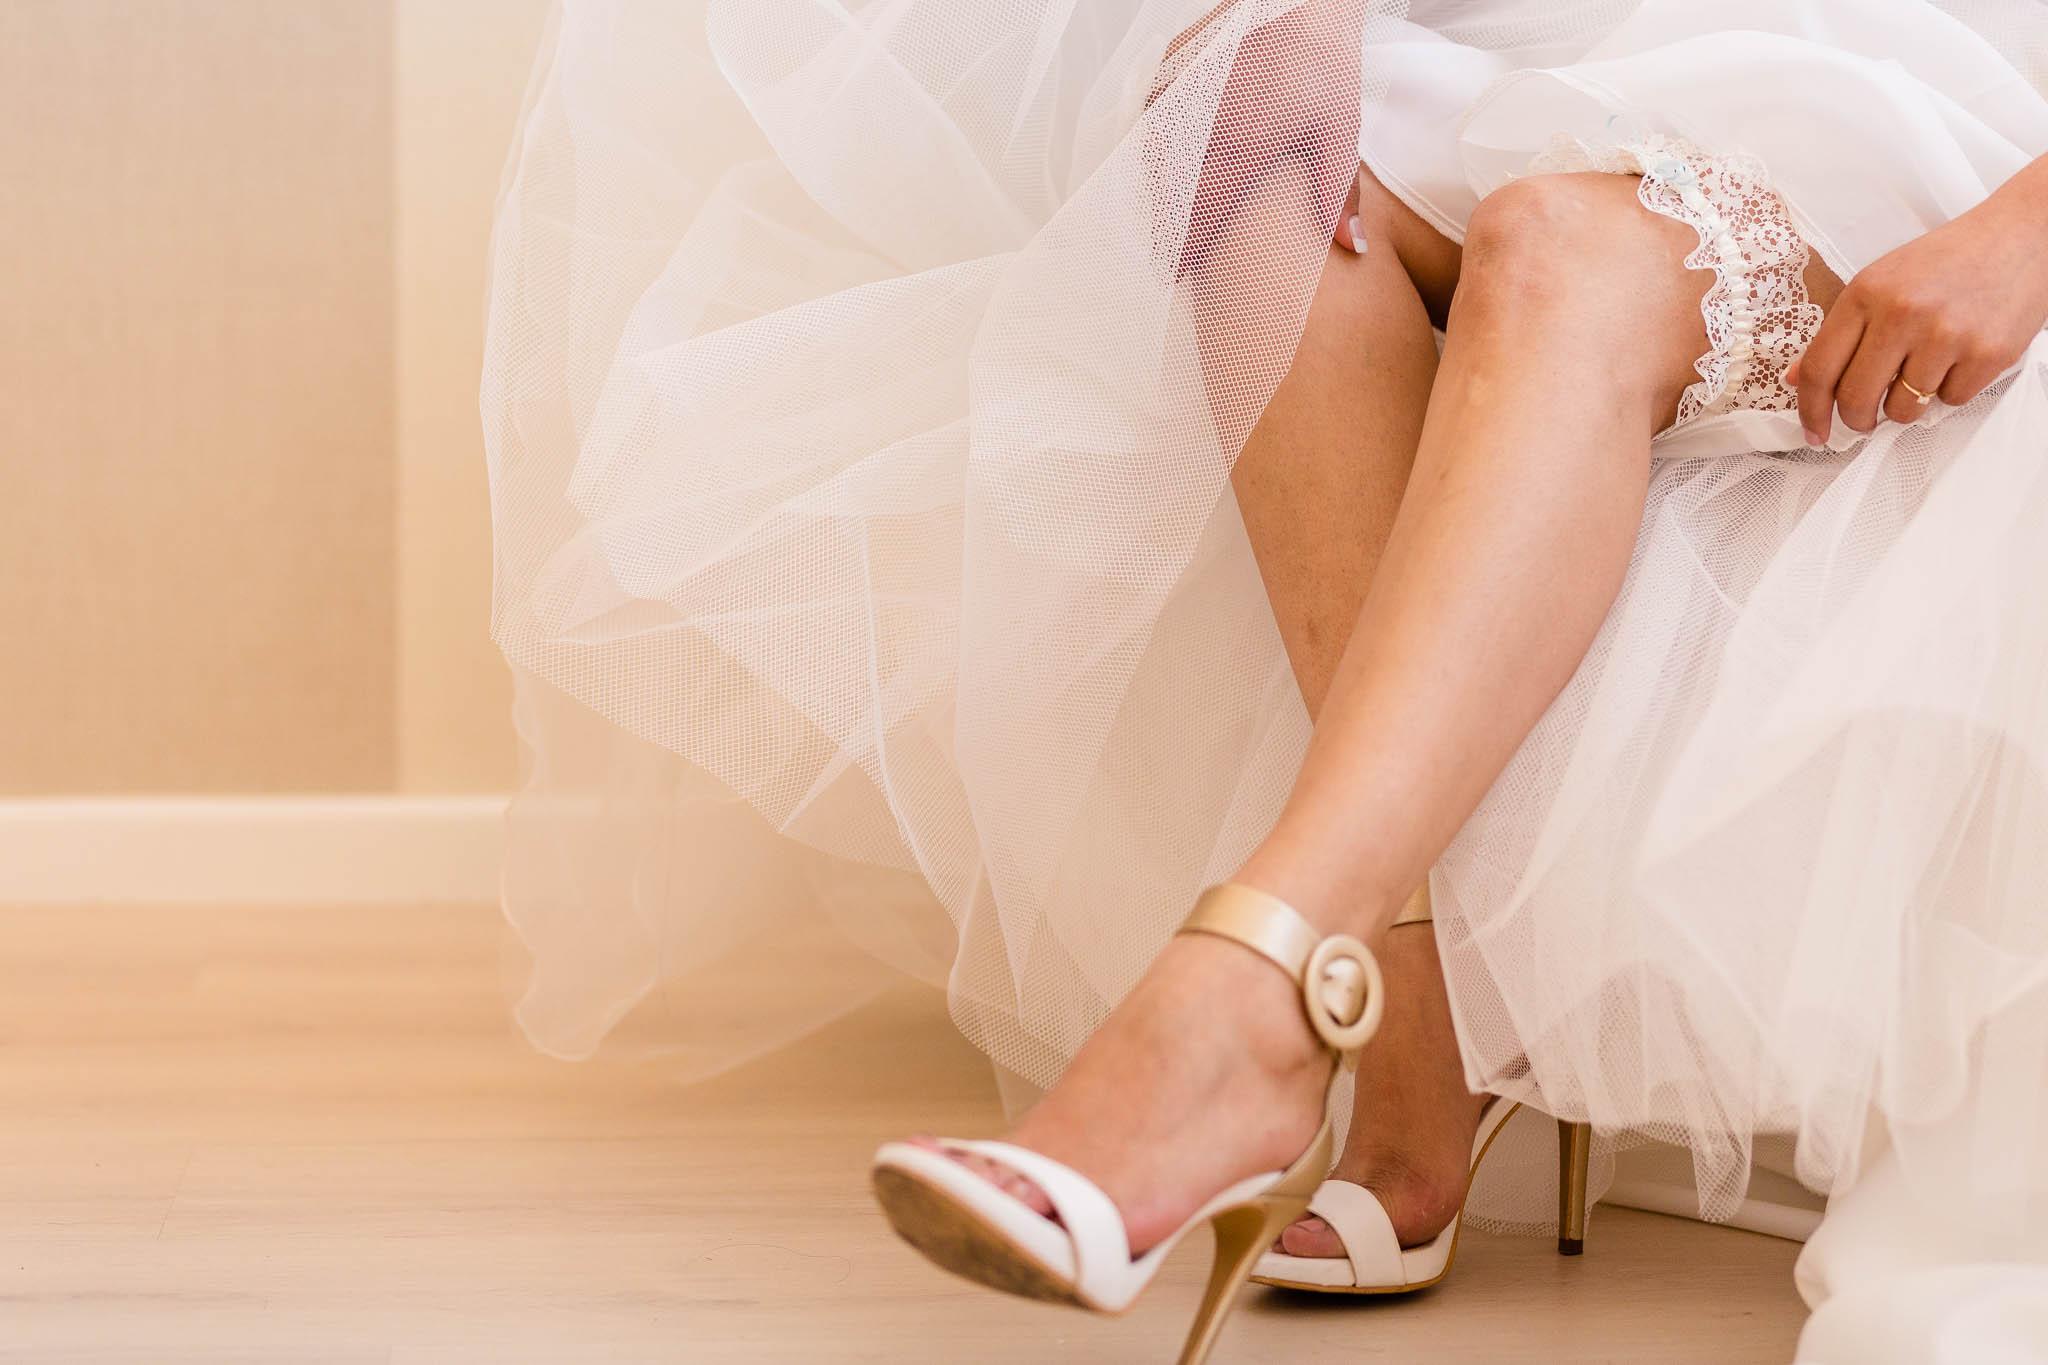 fotografo de bodas san luis potosi boda mexico wedding destination fotos de boda 38